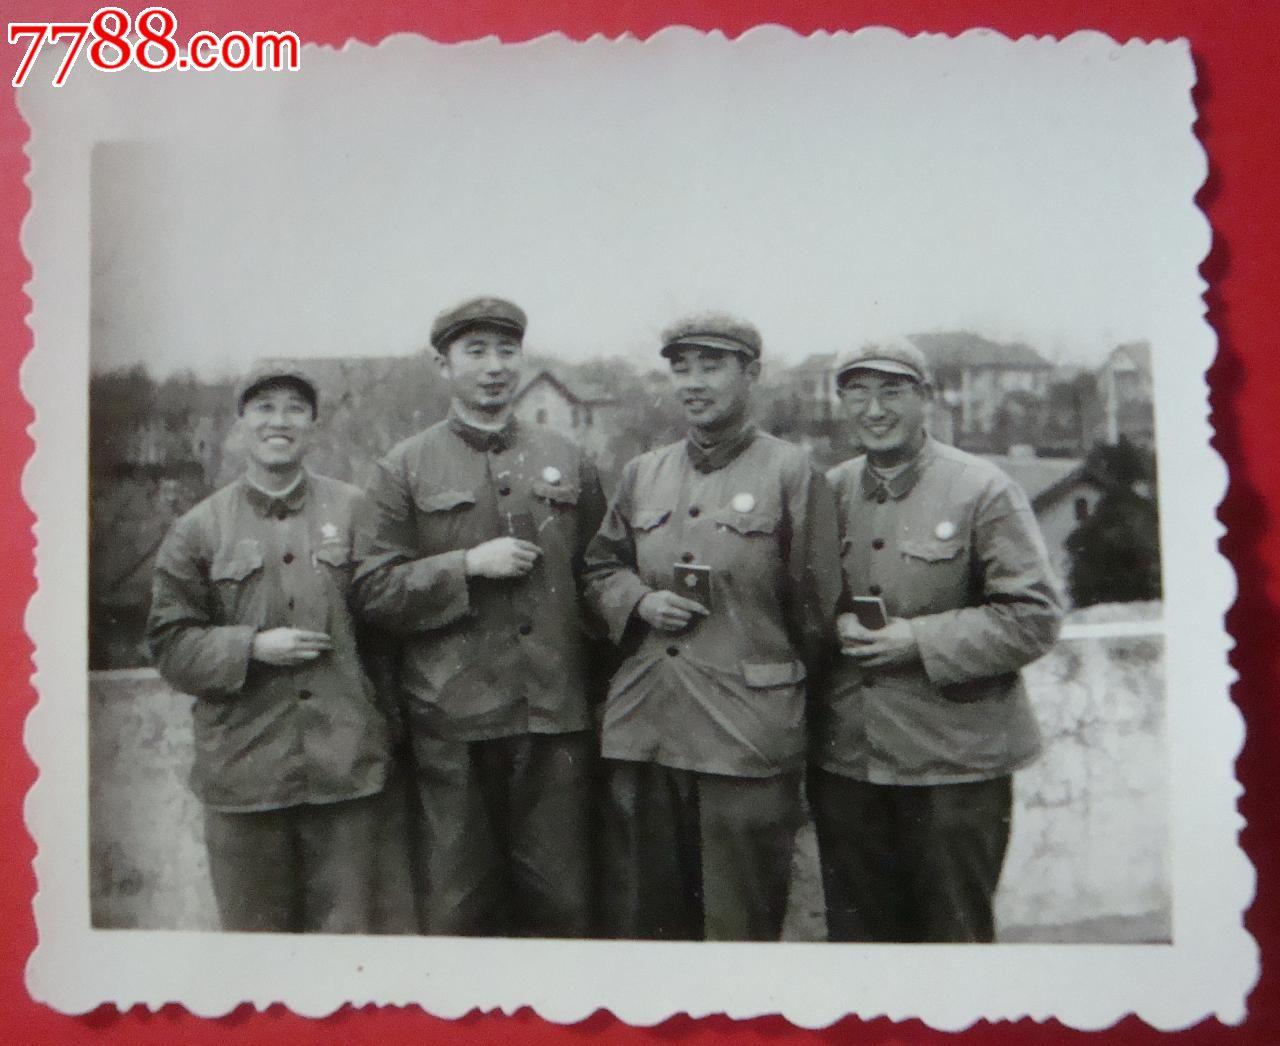 文革老短发军人壁纸_电脑桌面壁纸李圣经_军李珠英的像片图片